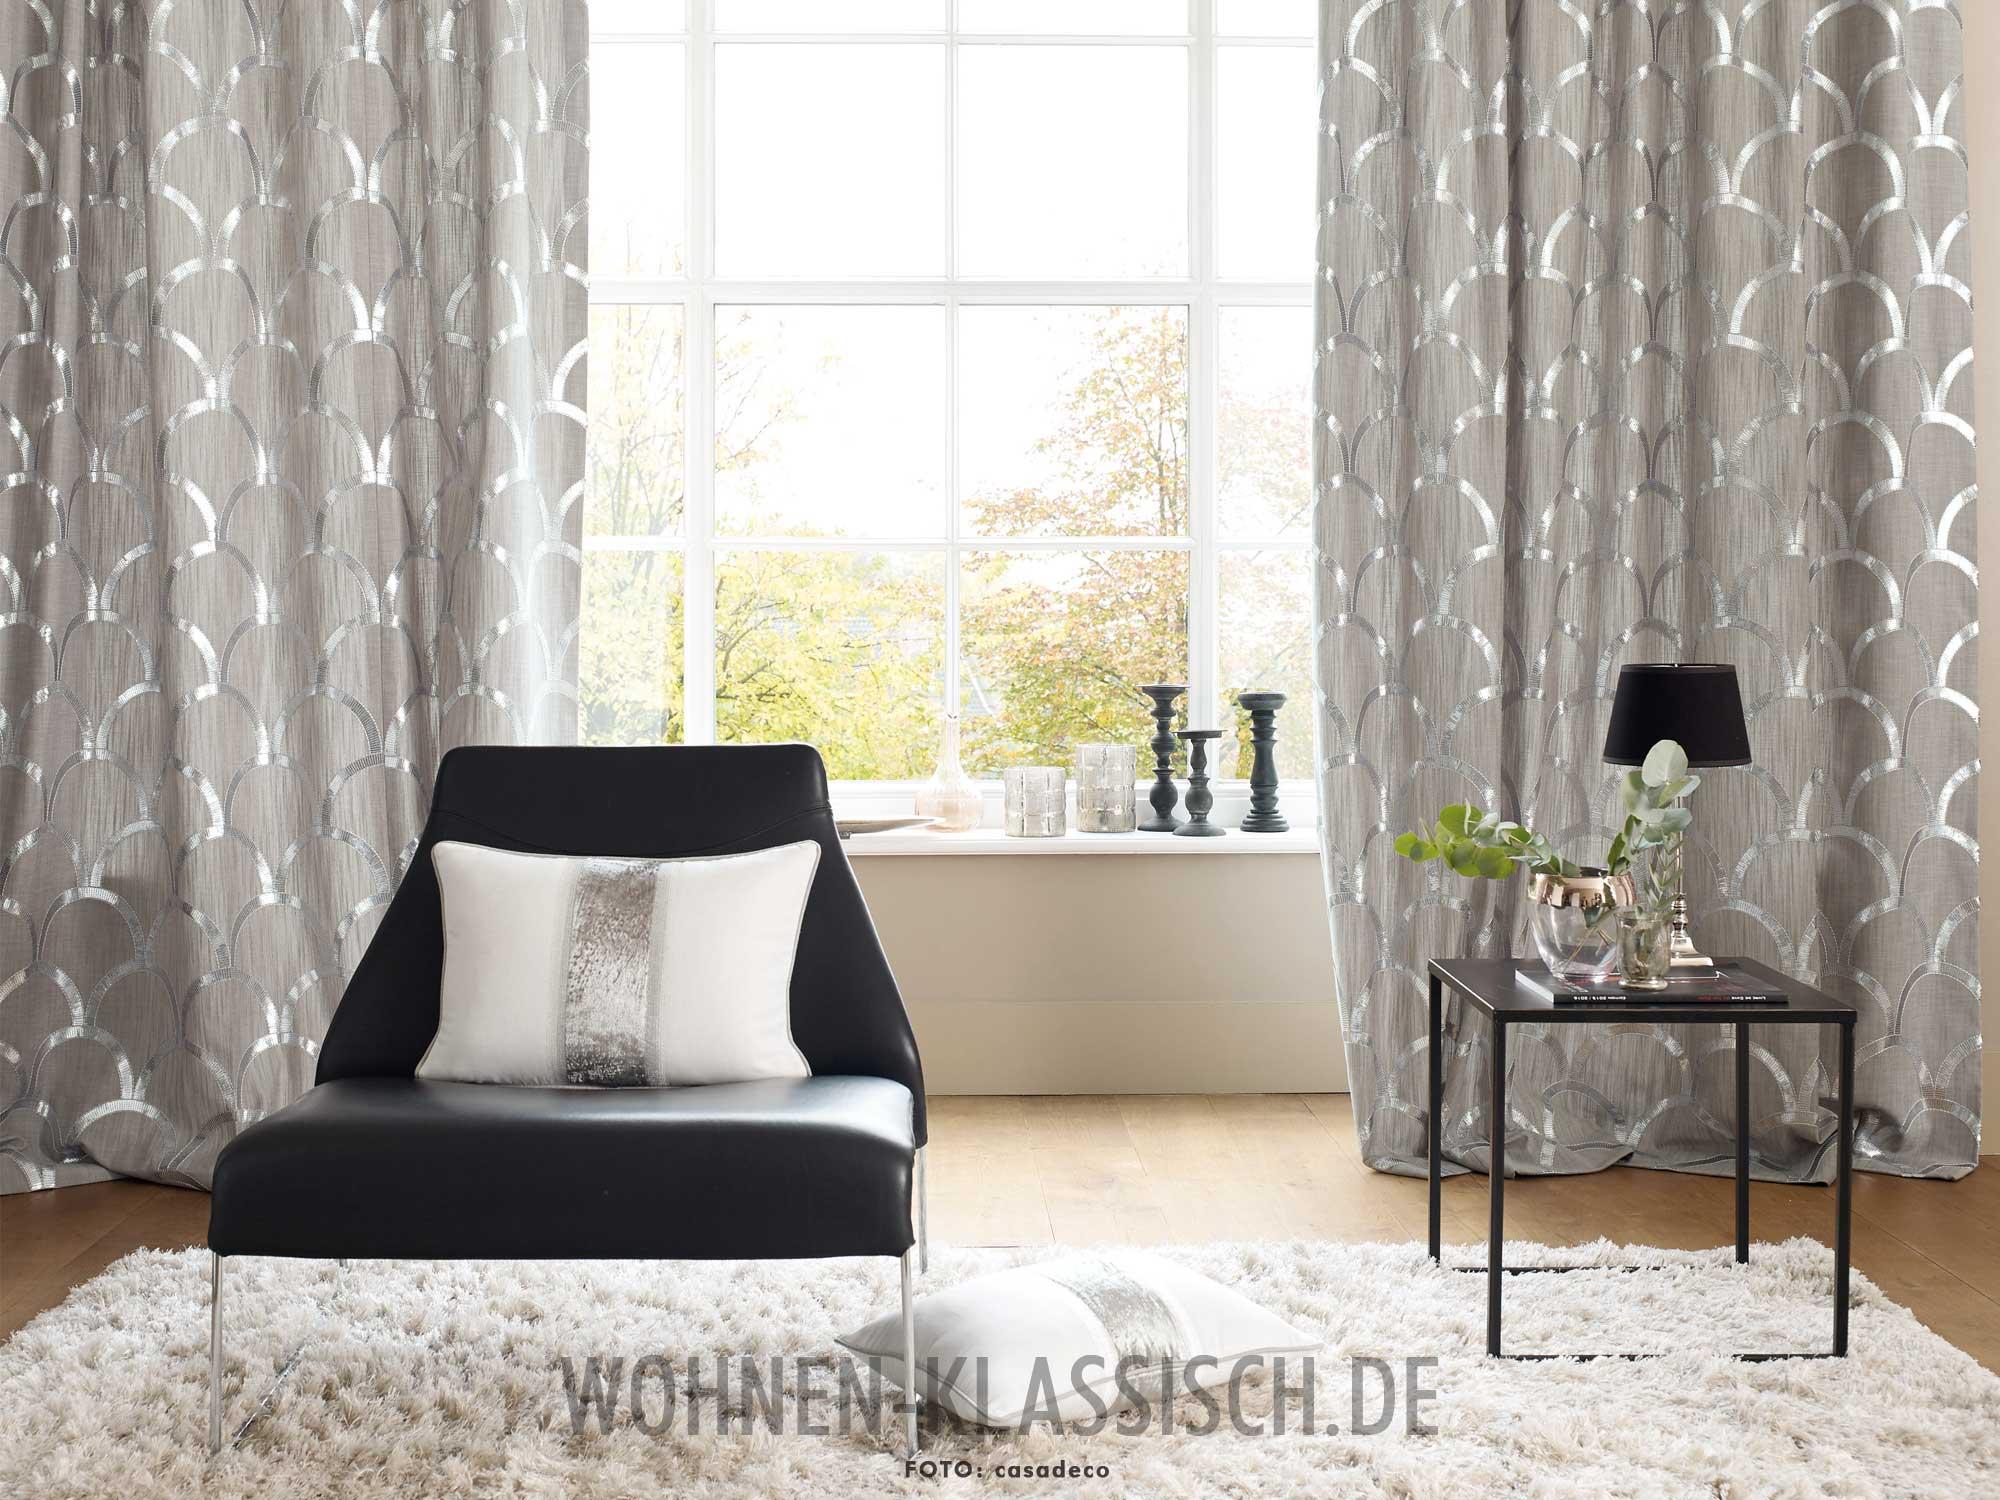 Wohnzimmer klassisch wohnen for Wohnzimmer klassisch